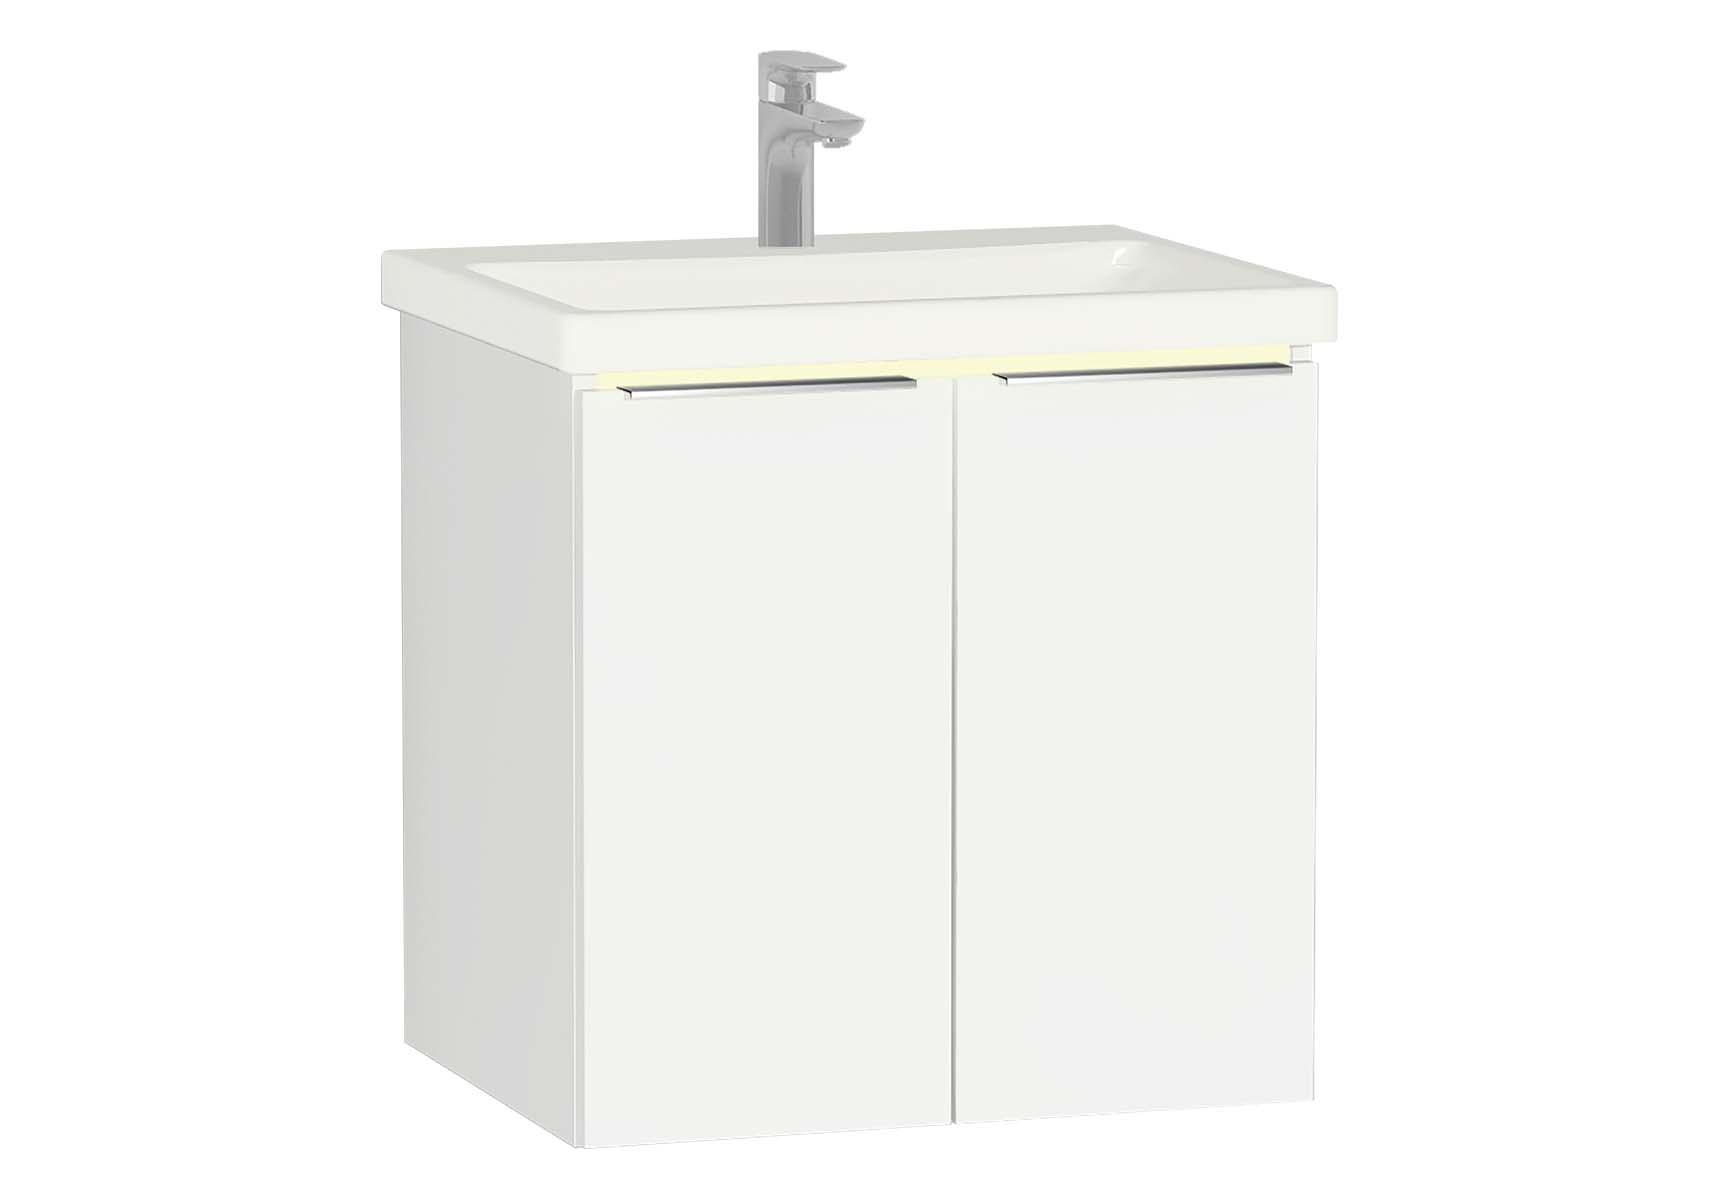 Central Washbasin Unit with doors, 60 cm, White High Gloss, Ceramic Washbasin, Led